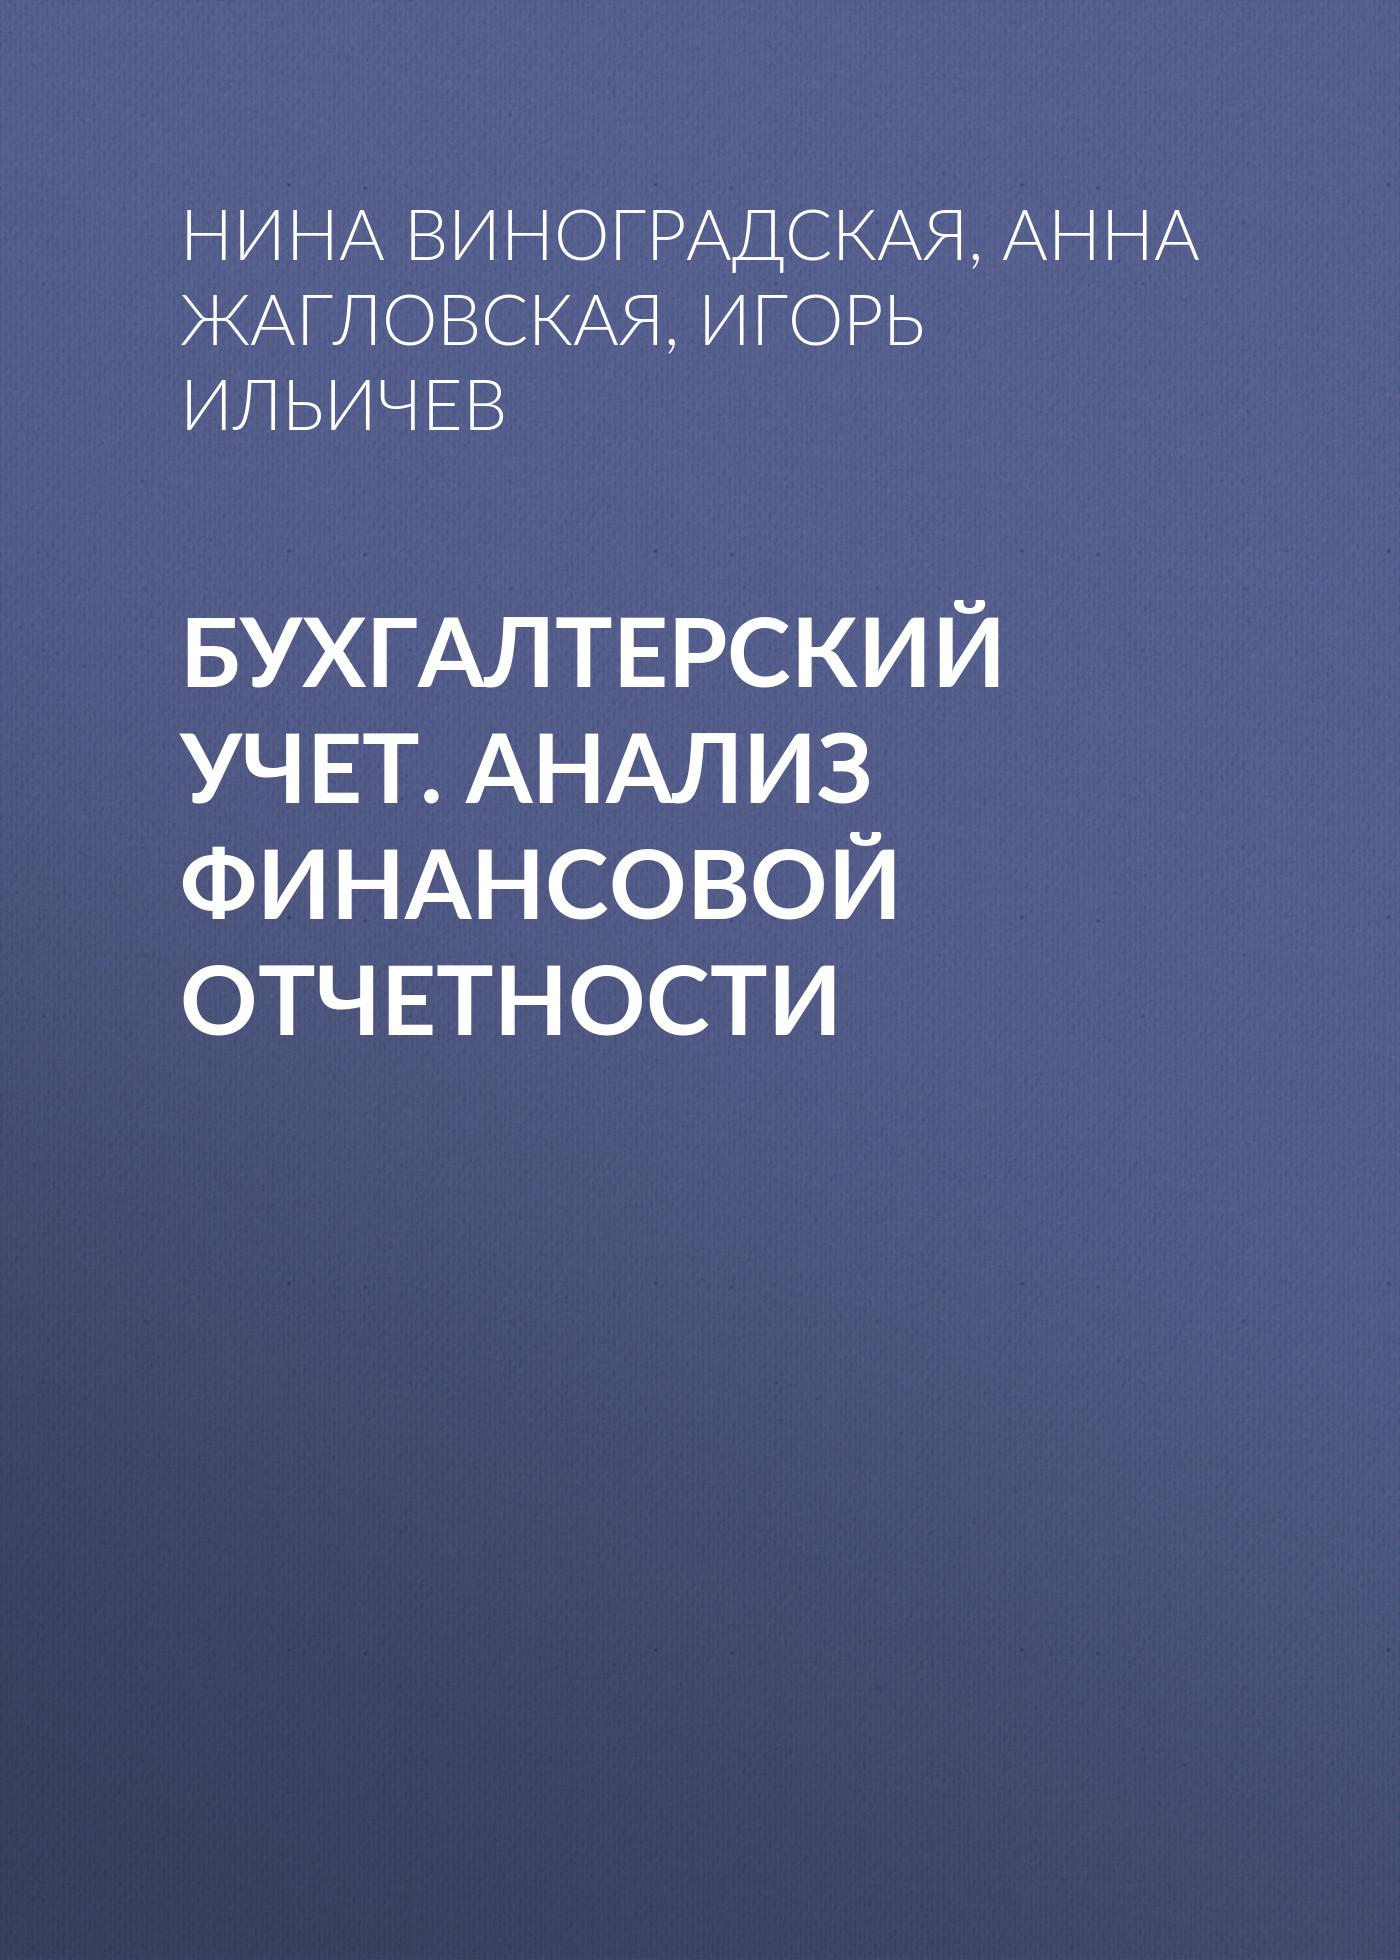 Анна Жагловская. Бухгалтерский учет. Анализ финансовой отчетности